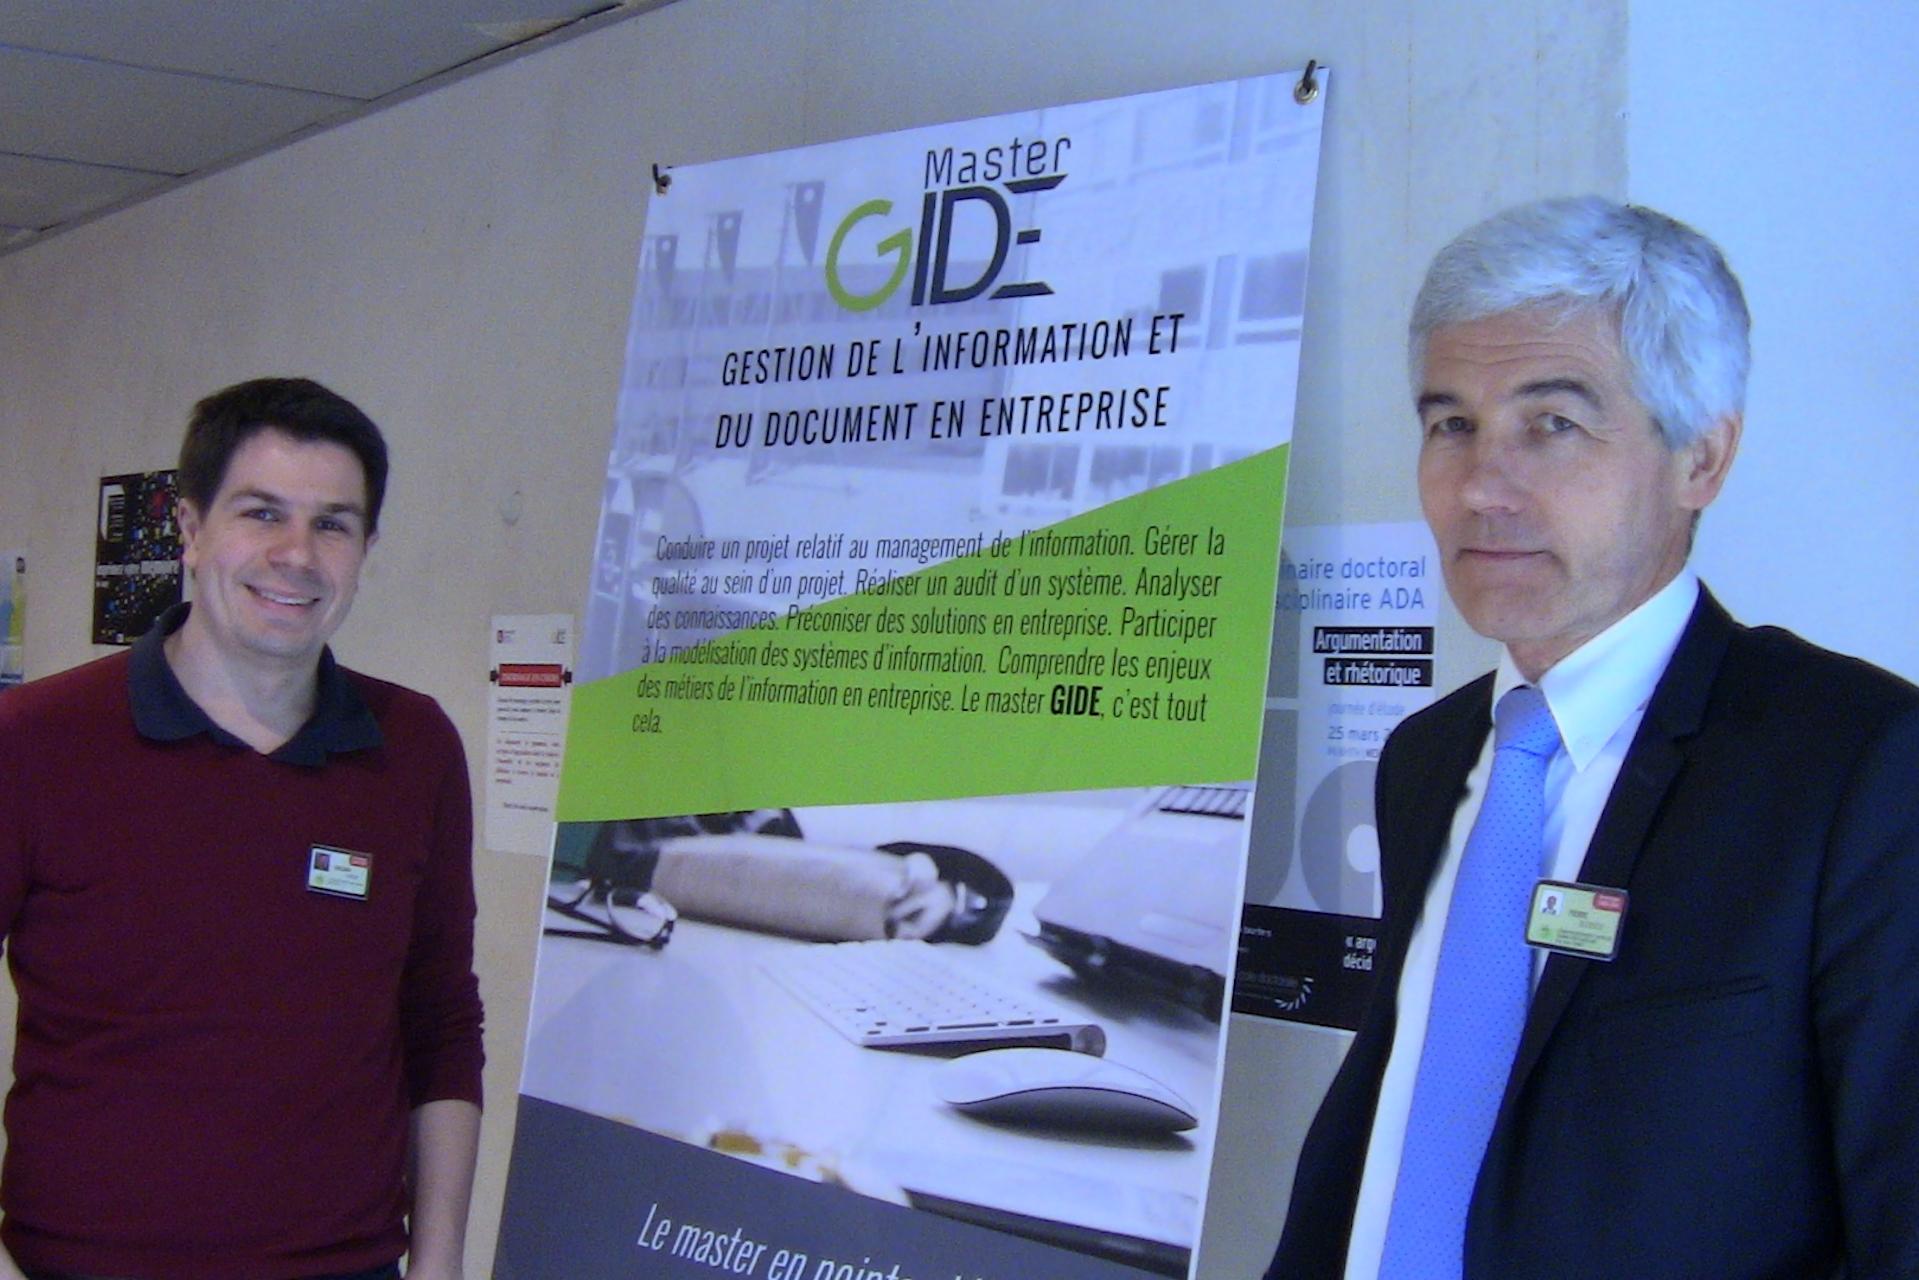 Pierre Decrocq et Gregory Carlin à la journée EGIDE'16